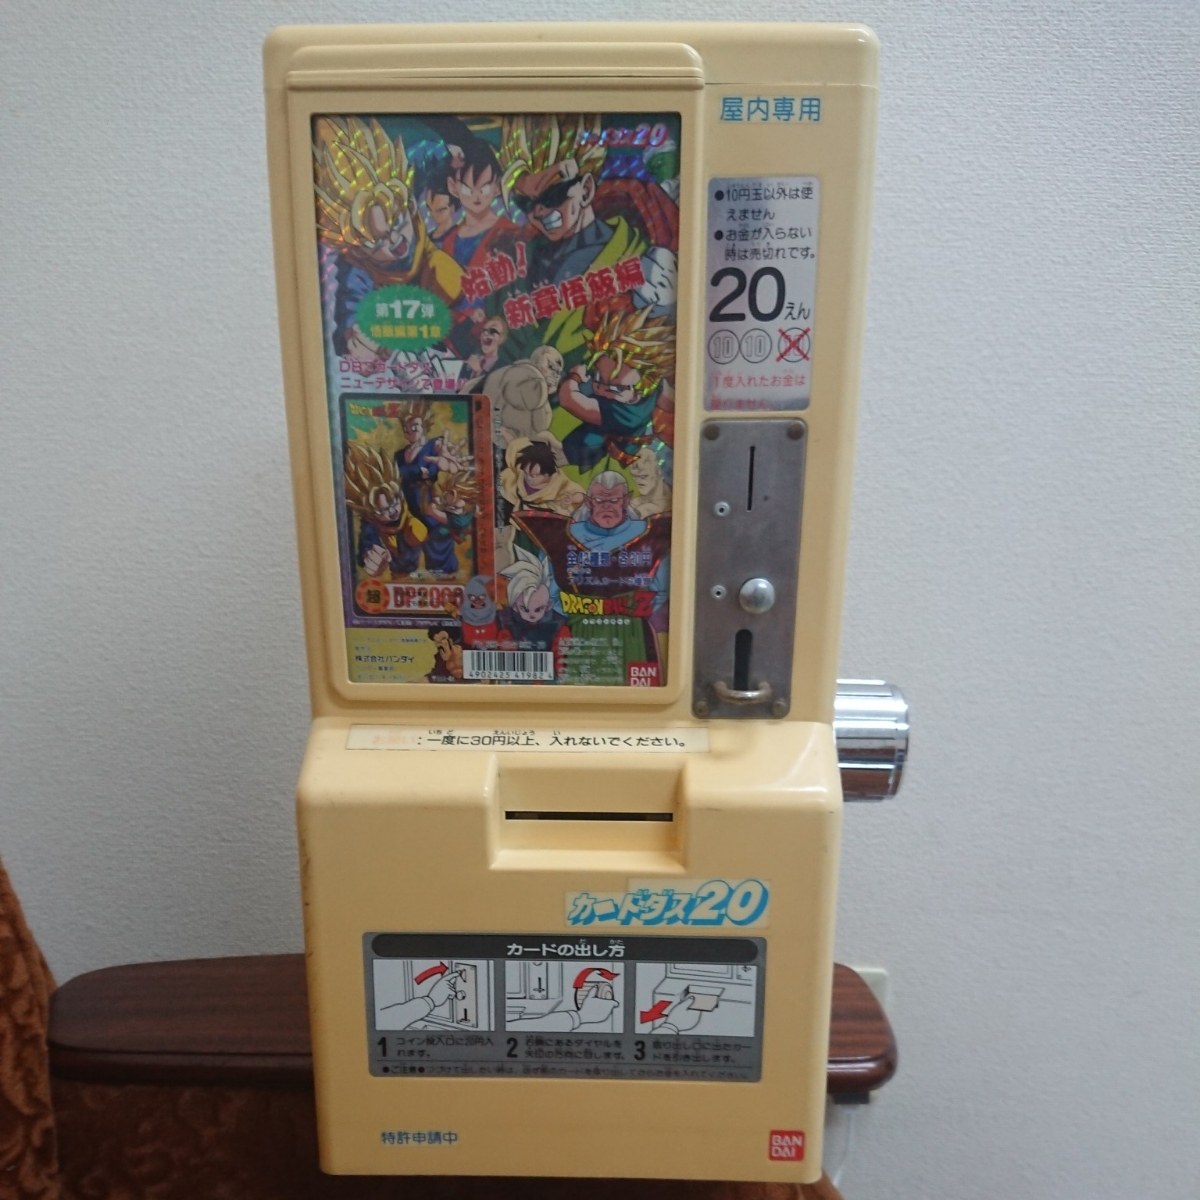 ■1円~ バンダイ カードダス20 1988年製 本体 可動品 台紙は ドラゴンボールZ 第17弾 悟飯第1章 DBZ 発送はゆうパック120